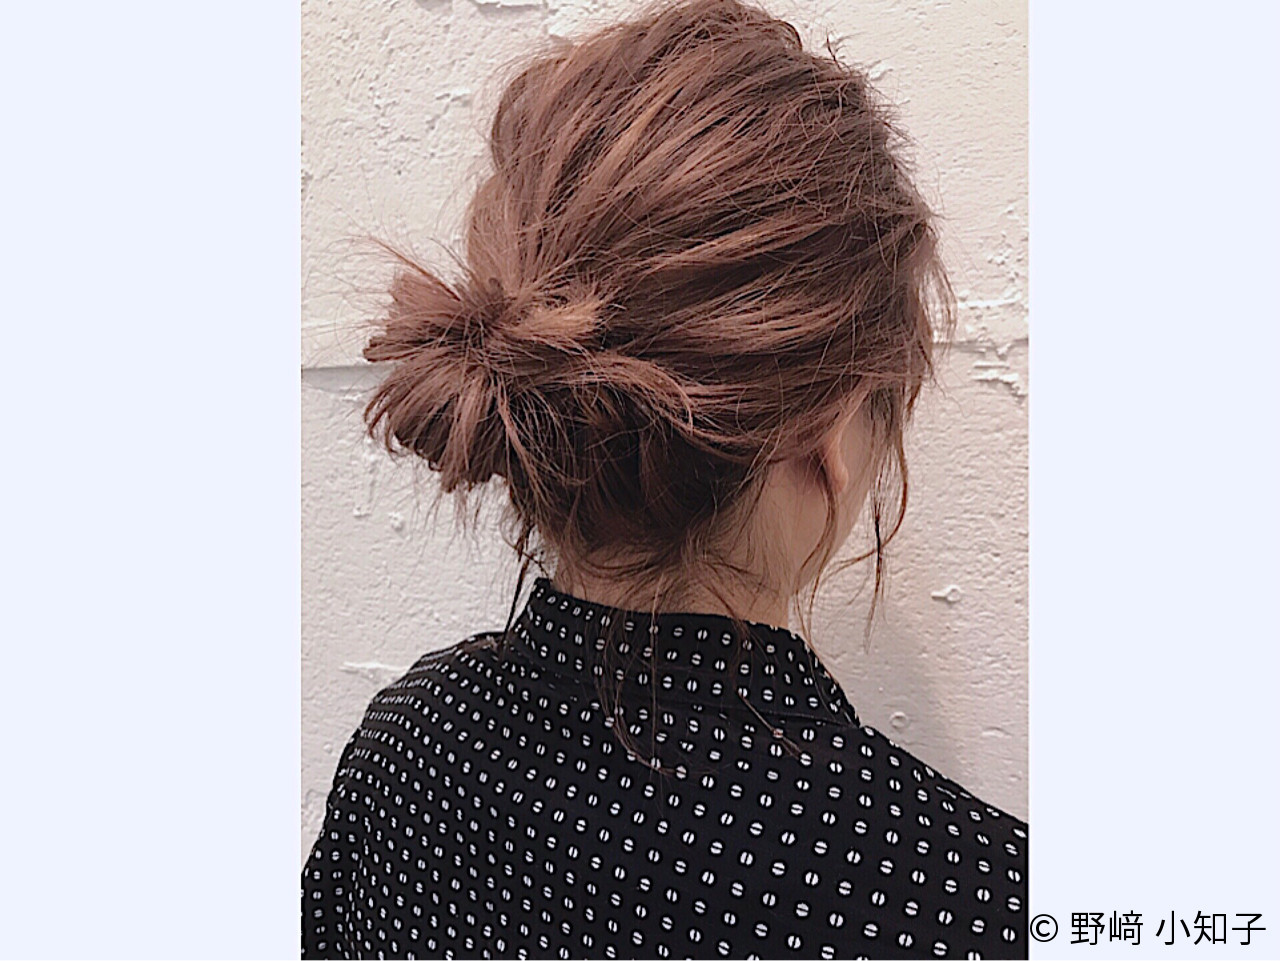 ヘアゴムでざっくりまとめて簡単!お団子ヘアアレンジ 野﨑 小知子 | NORA hair salon